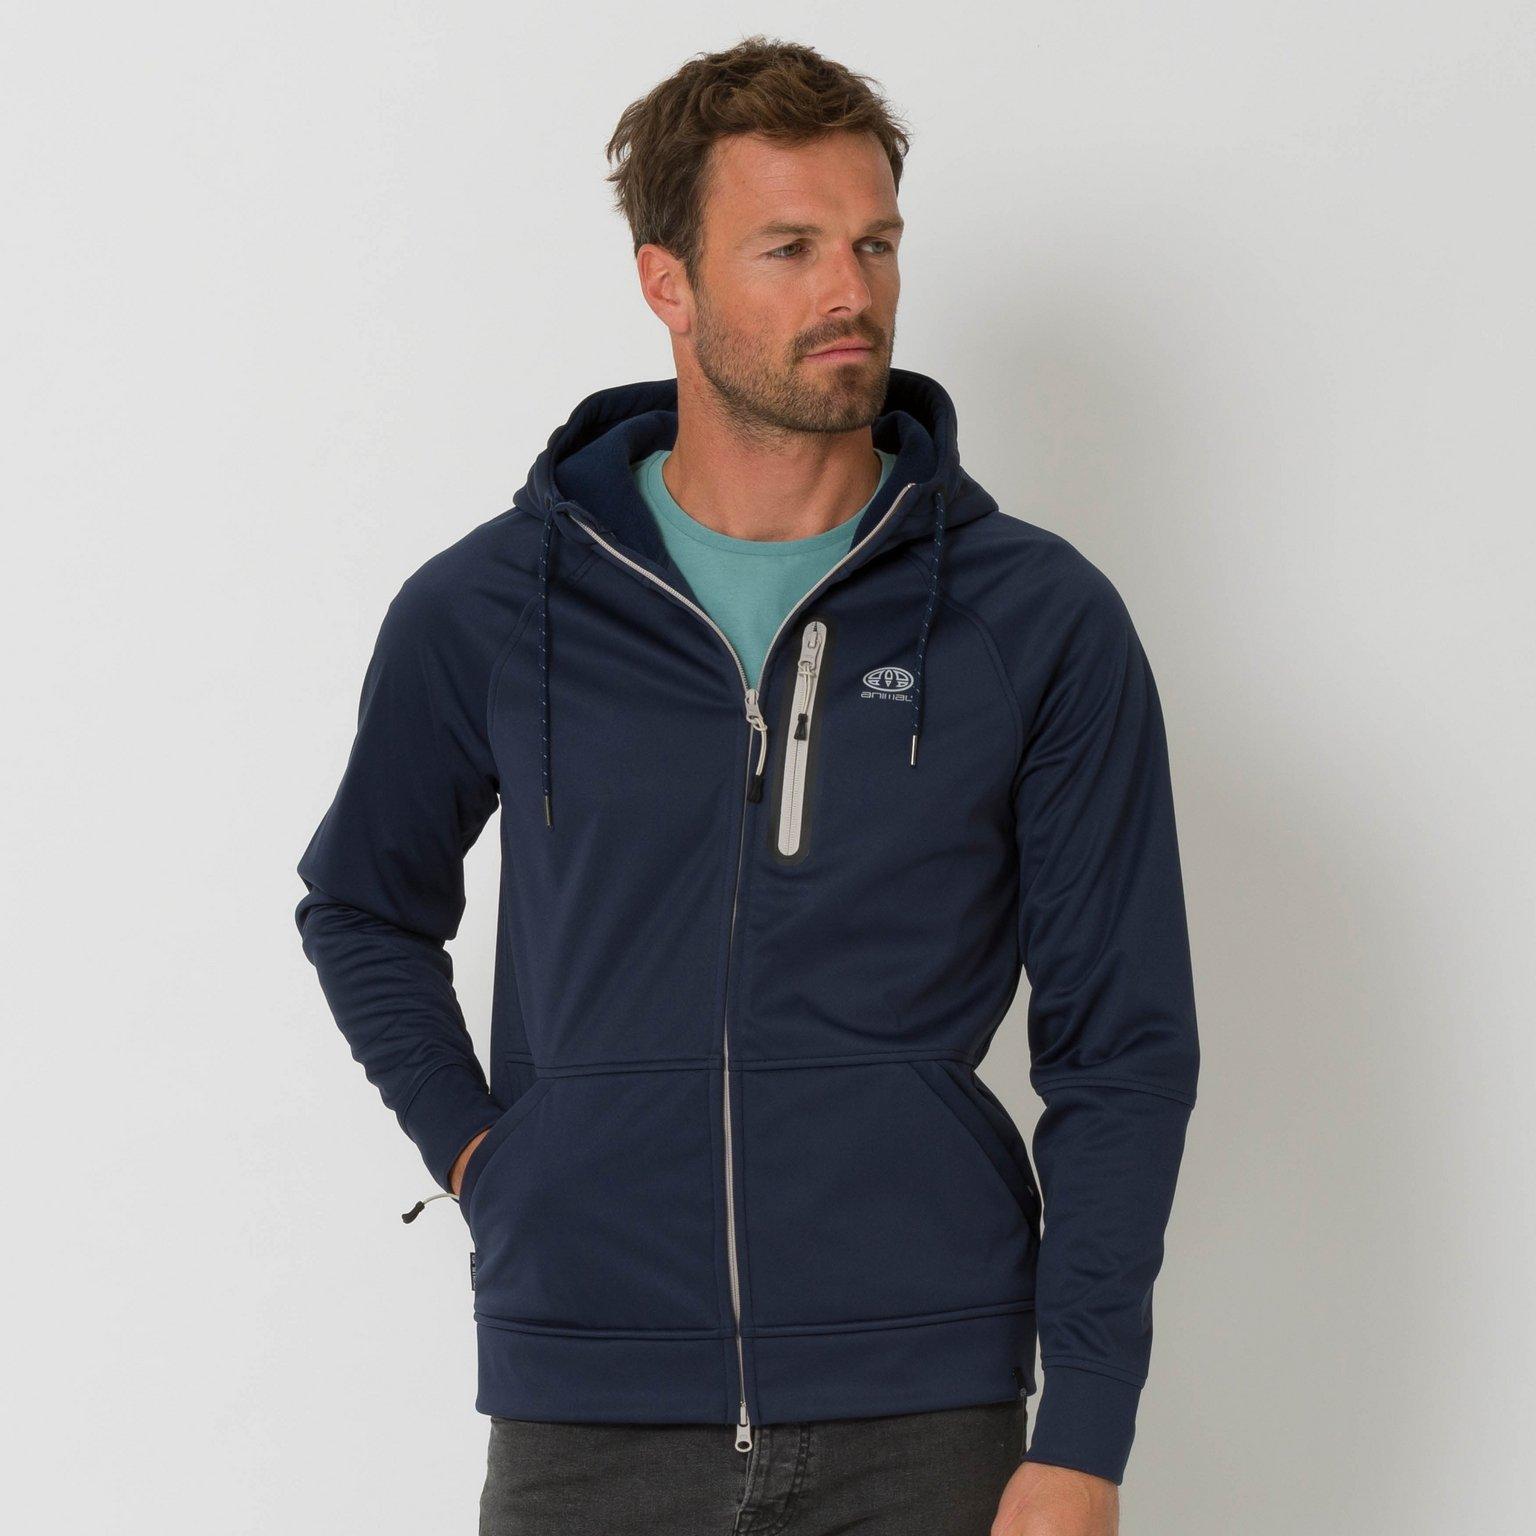 Animal Clothing Men's Visser Jacket Blue 5057652428398 - M Blue